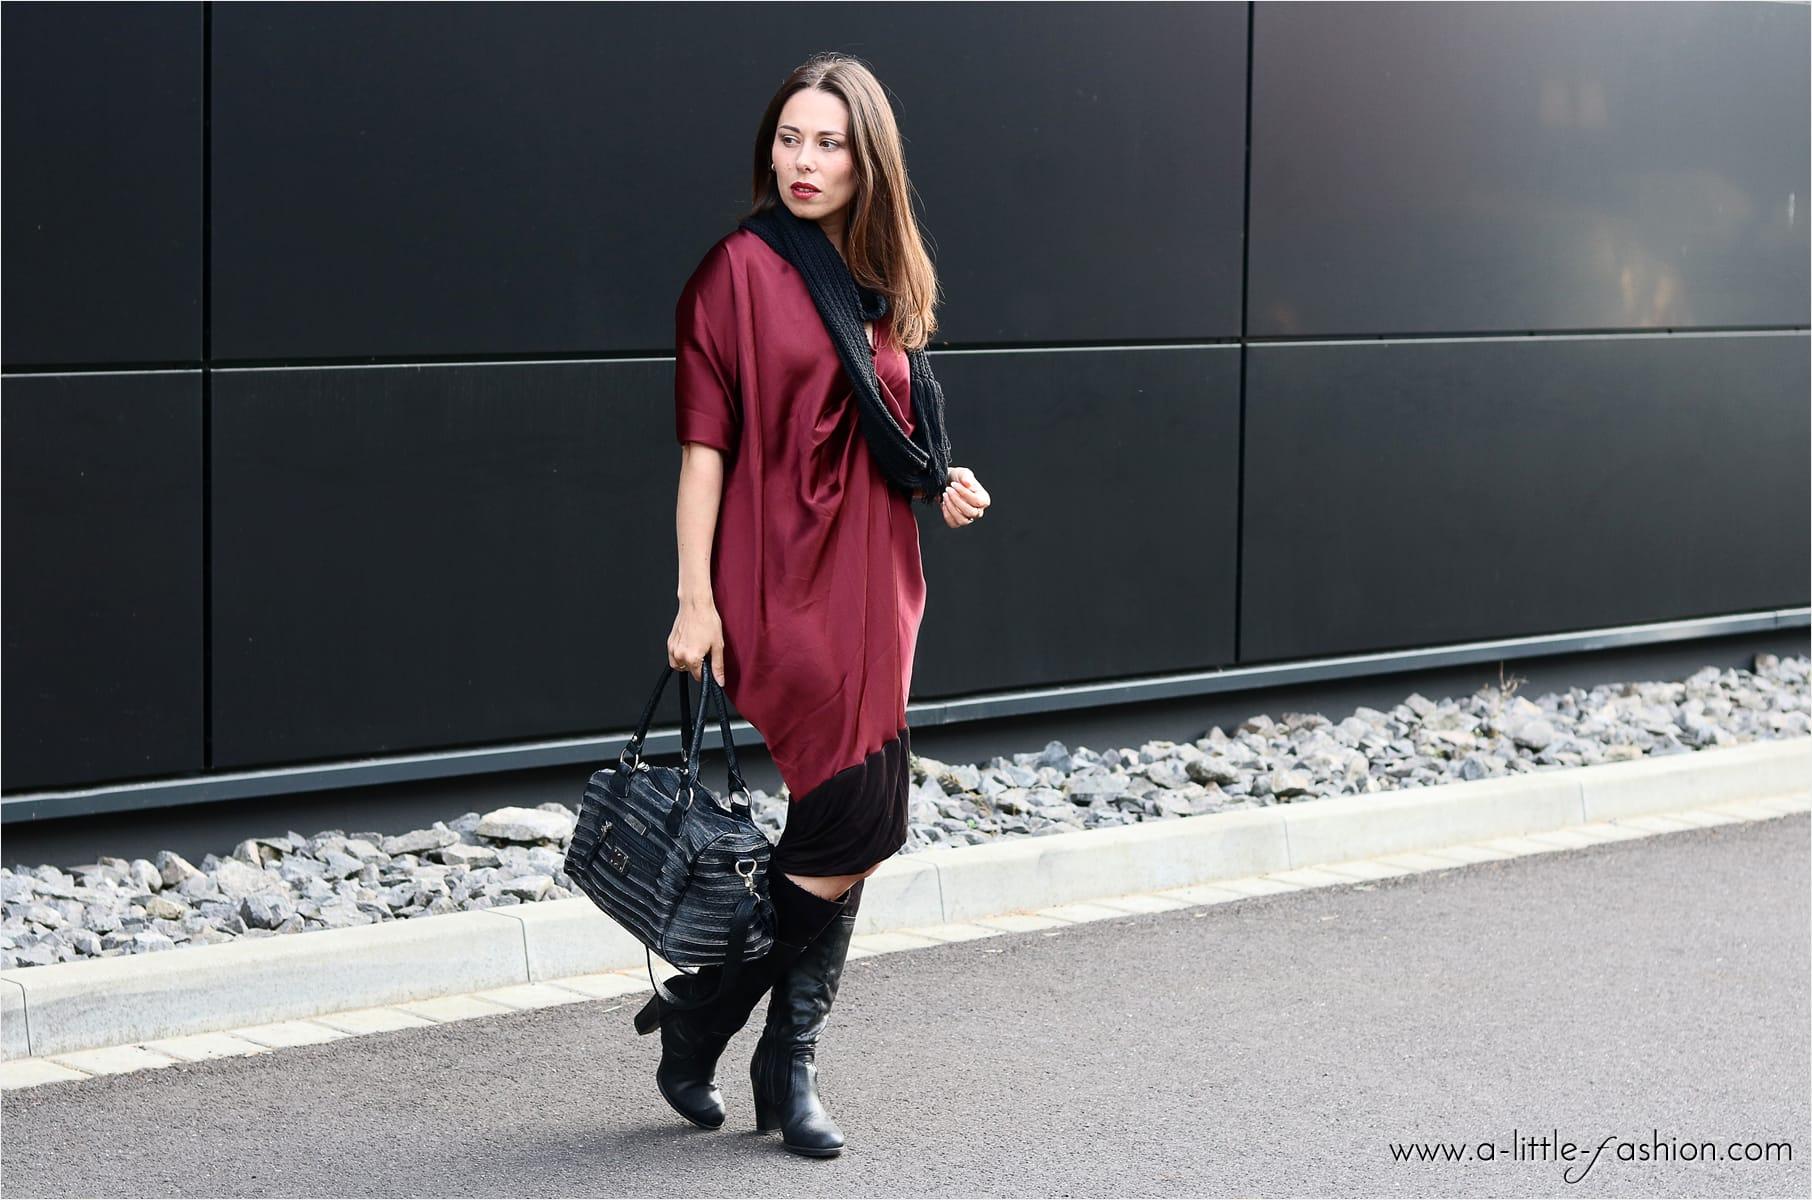 Satin-Kleid im alltagstauglichen Cozy Outfit mit Stiefeln und Fransen-Loop